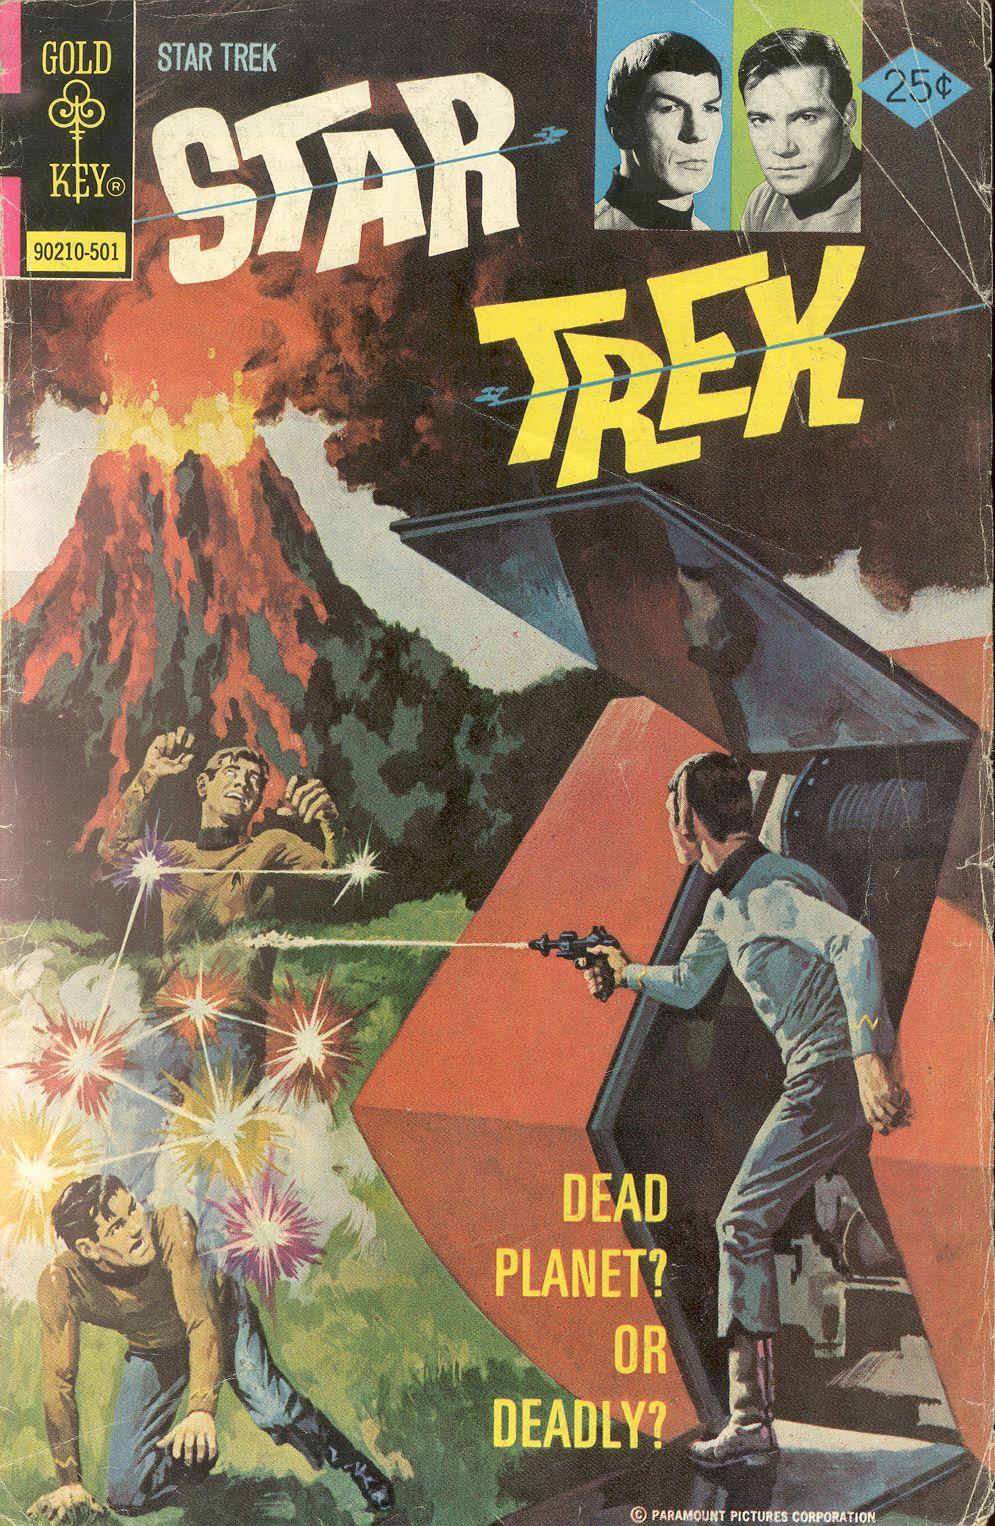 Star Trek (1967) issue 28 - Page 1